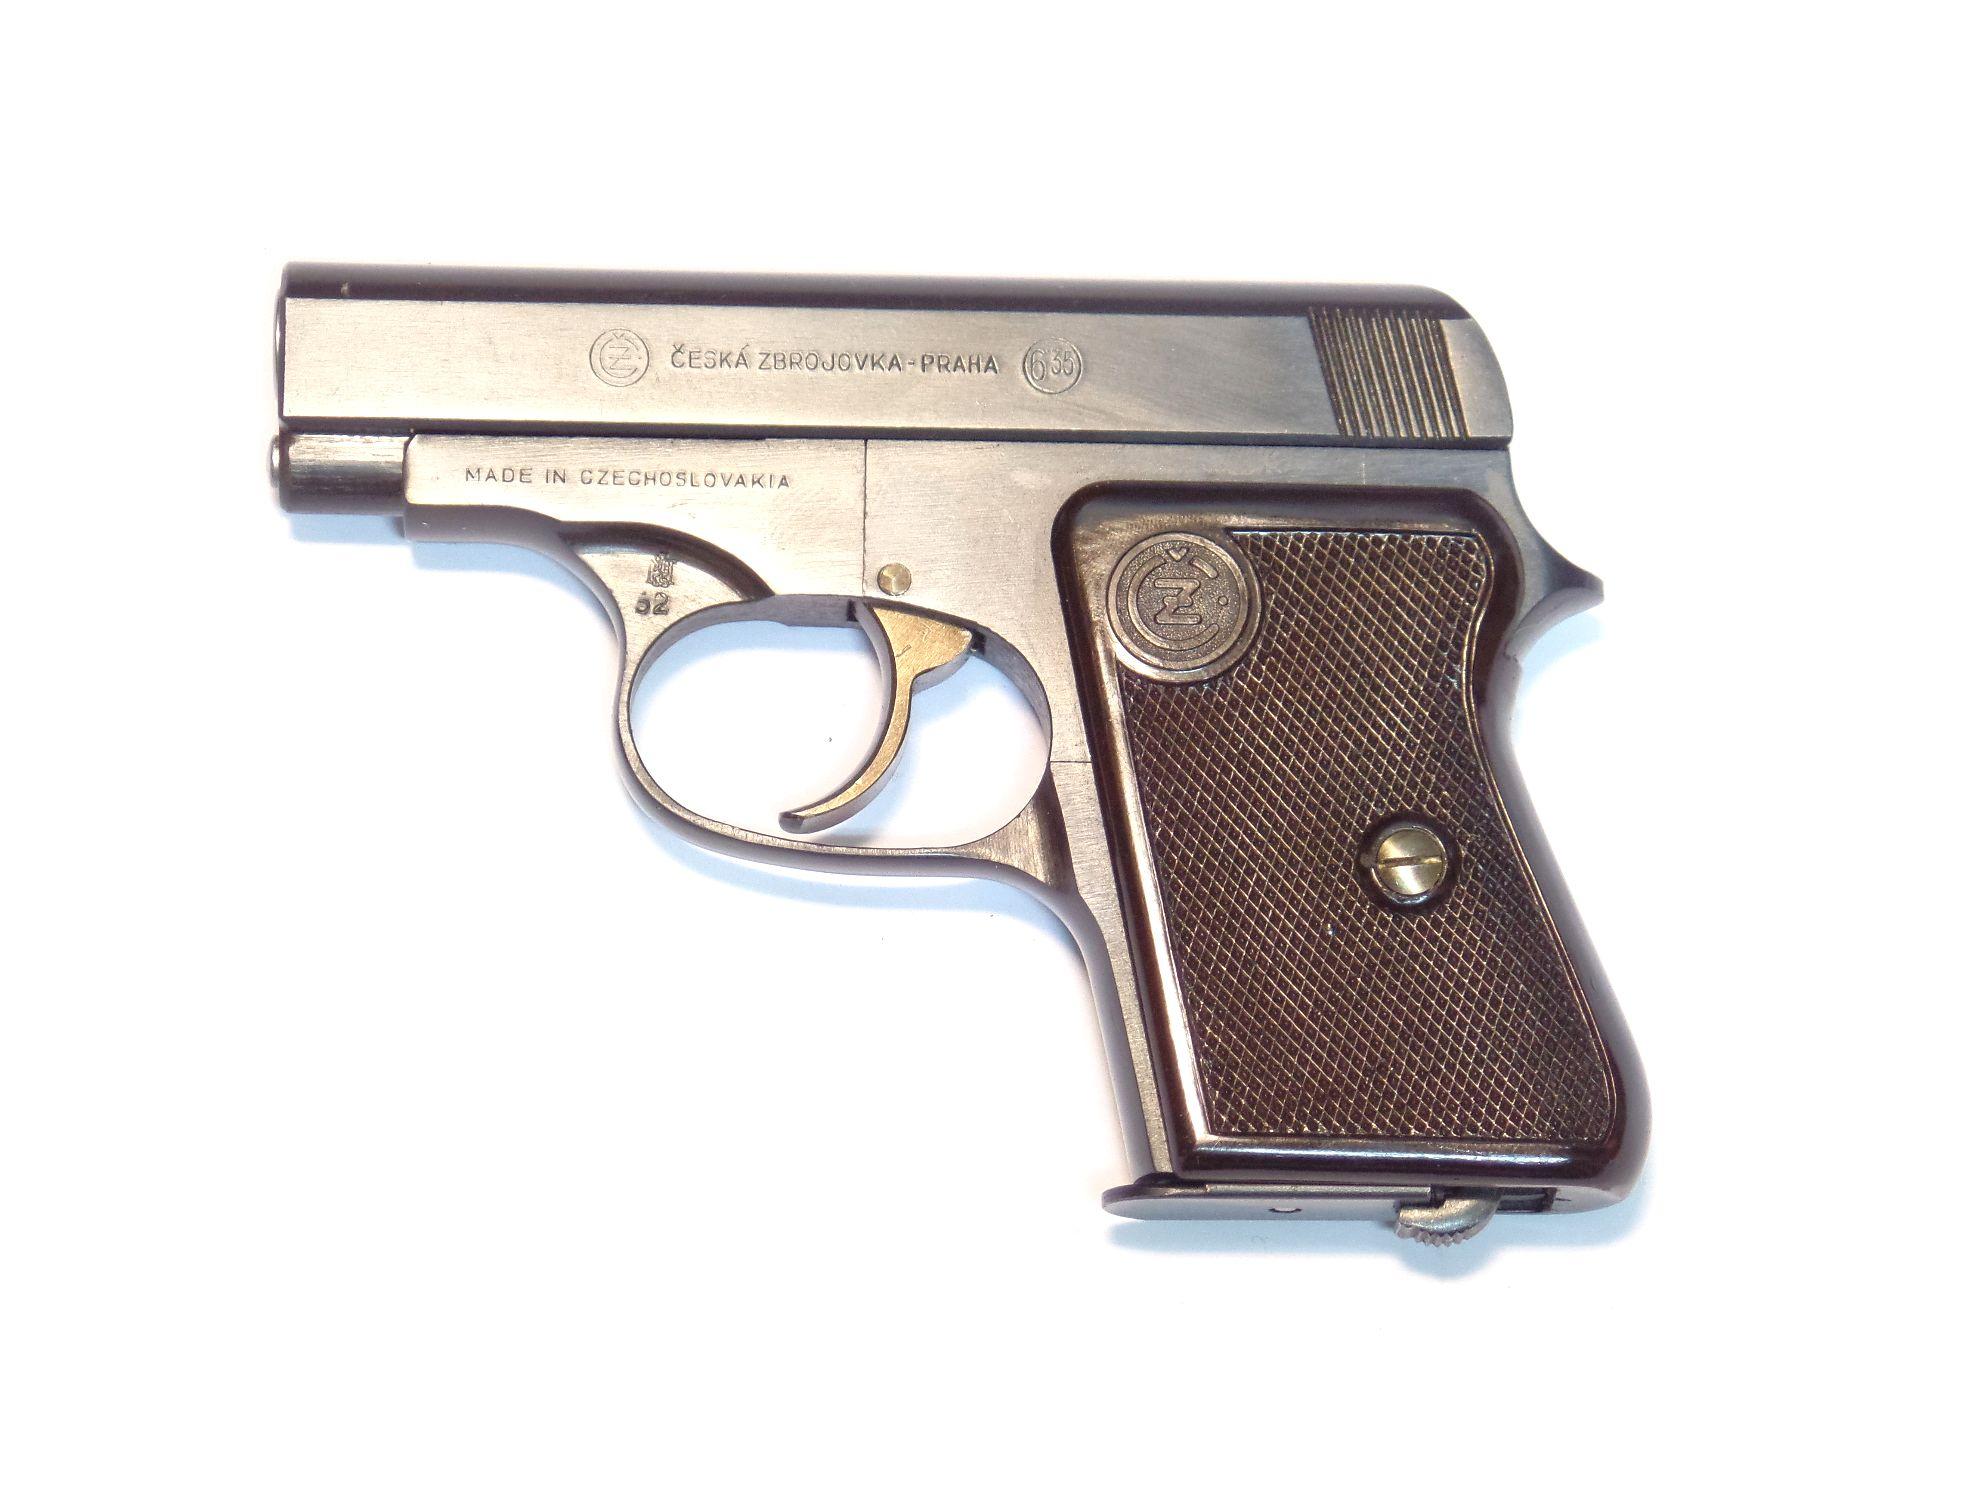 CZ 45 calibre 6.35 Browning